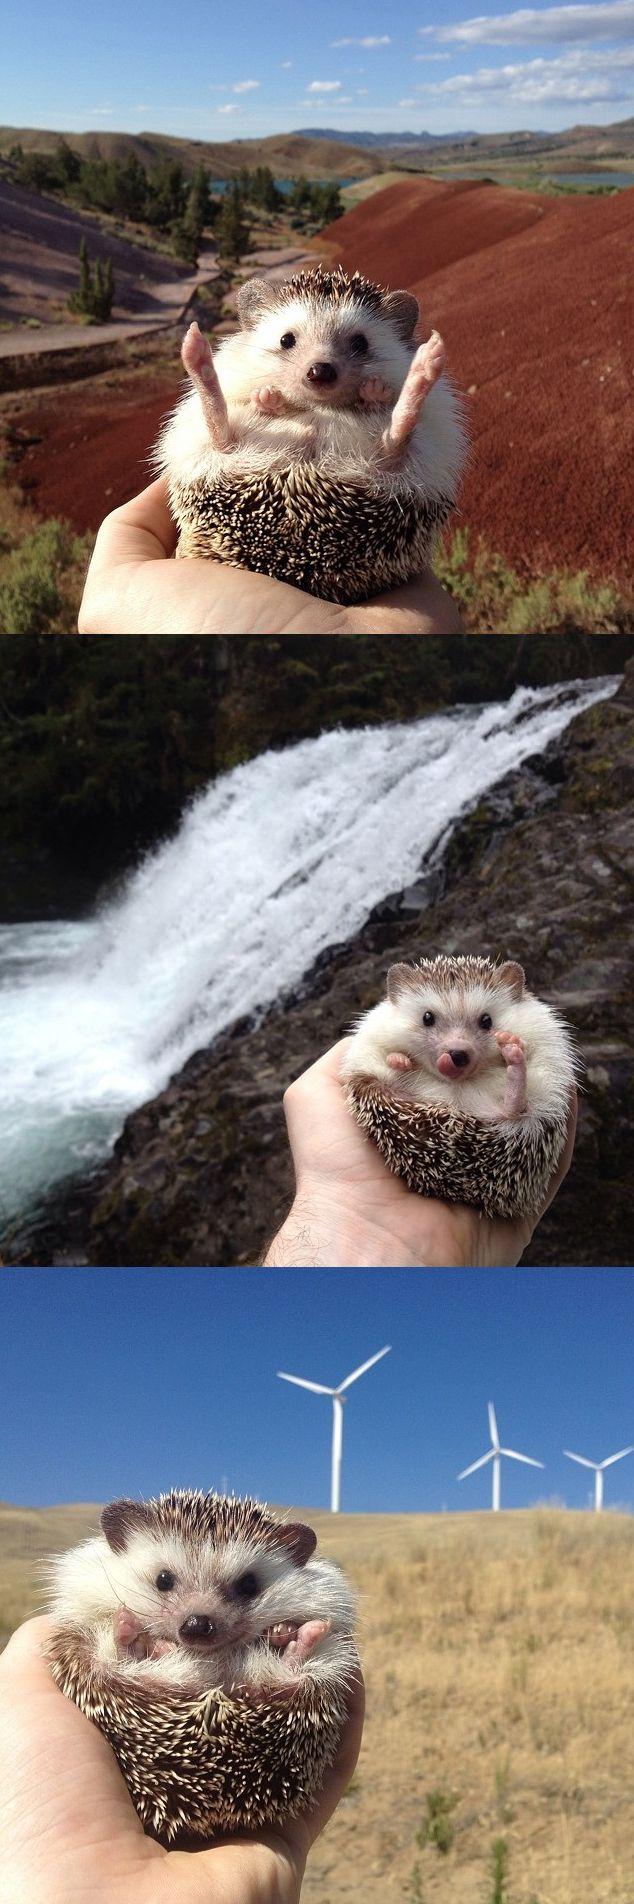 Biddy the traveling hedgehog is so cute we might die.